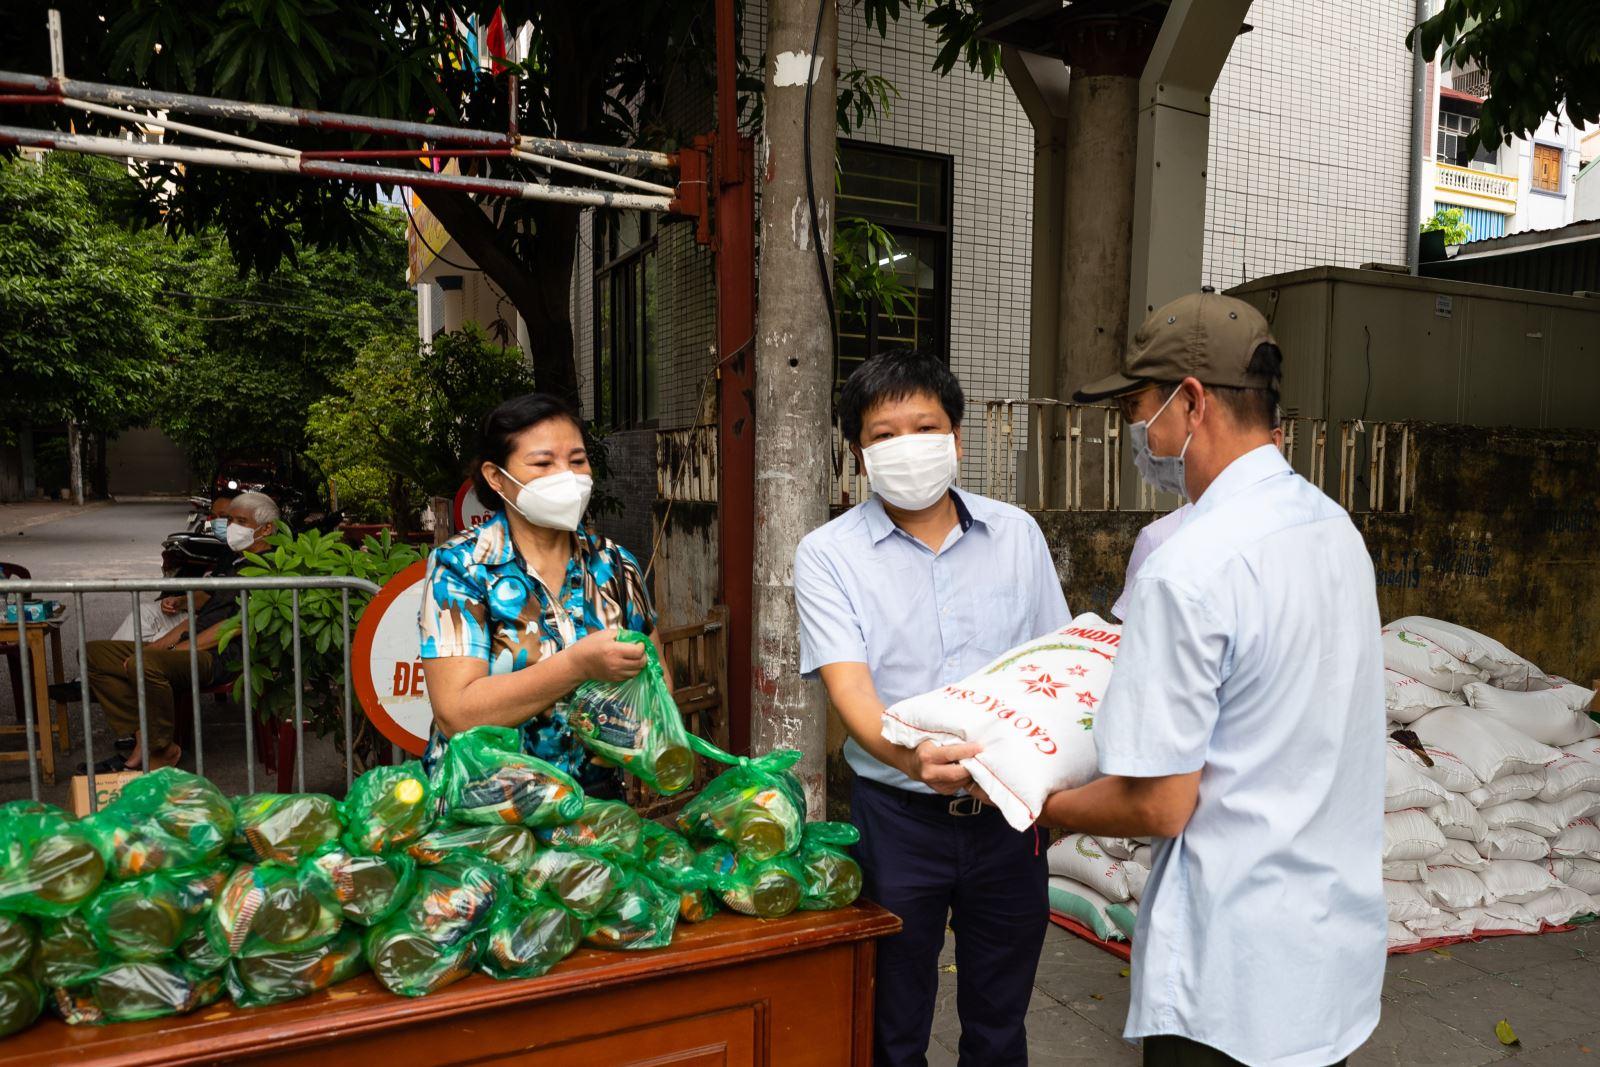 Trường Nguyễn Siêu hỗ trợ 150 suất quà cho gia đình khó khăn tại Phường Yên Hoà